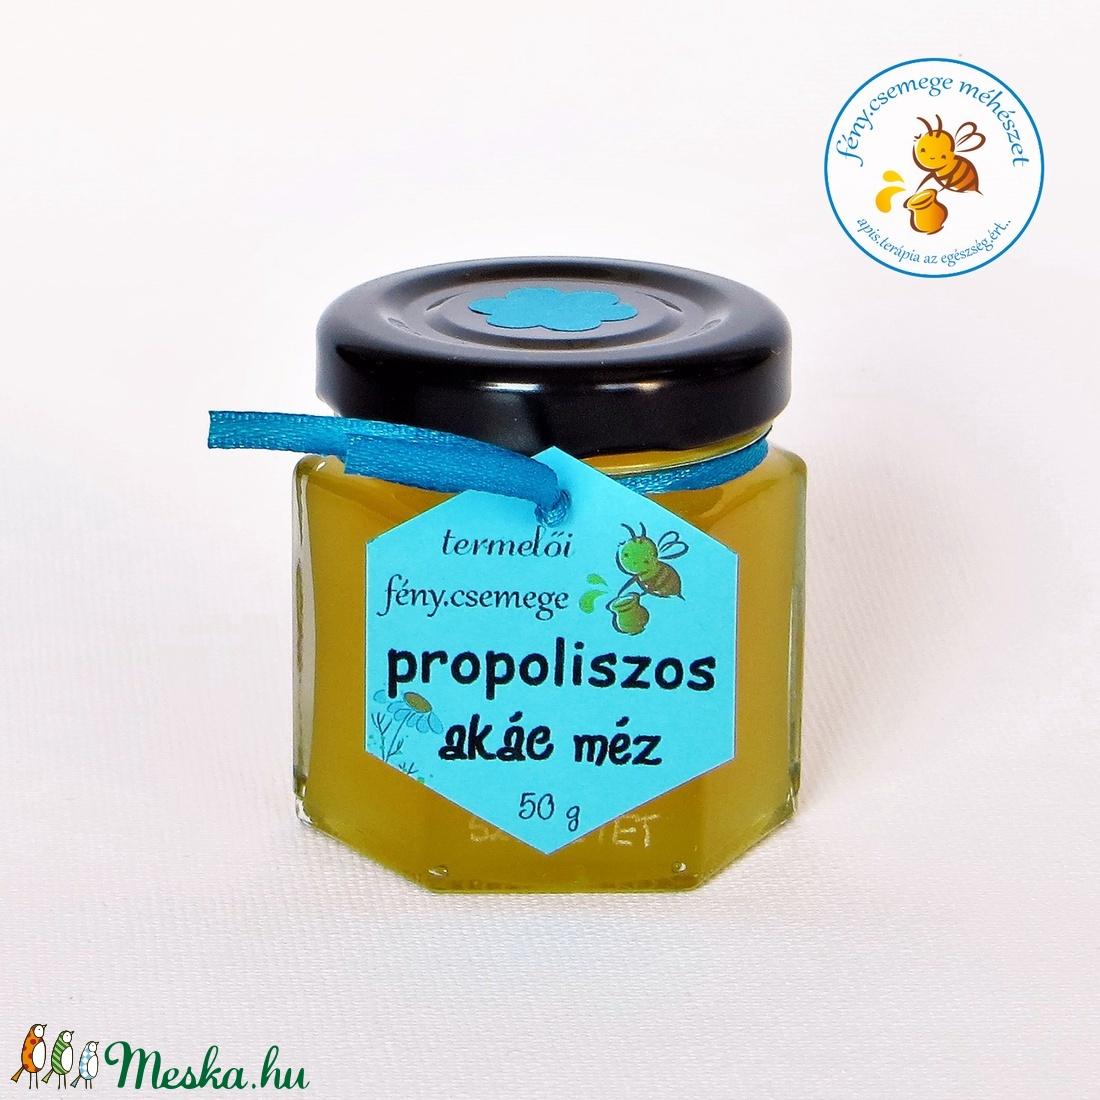 propoliszos akác méz 50 g (fenycsemege) - Meska.hu